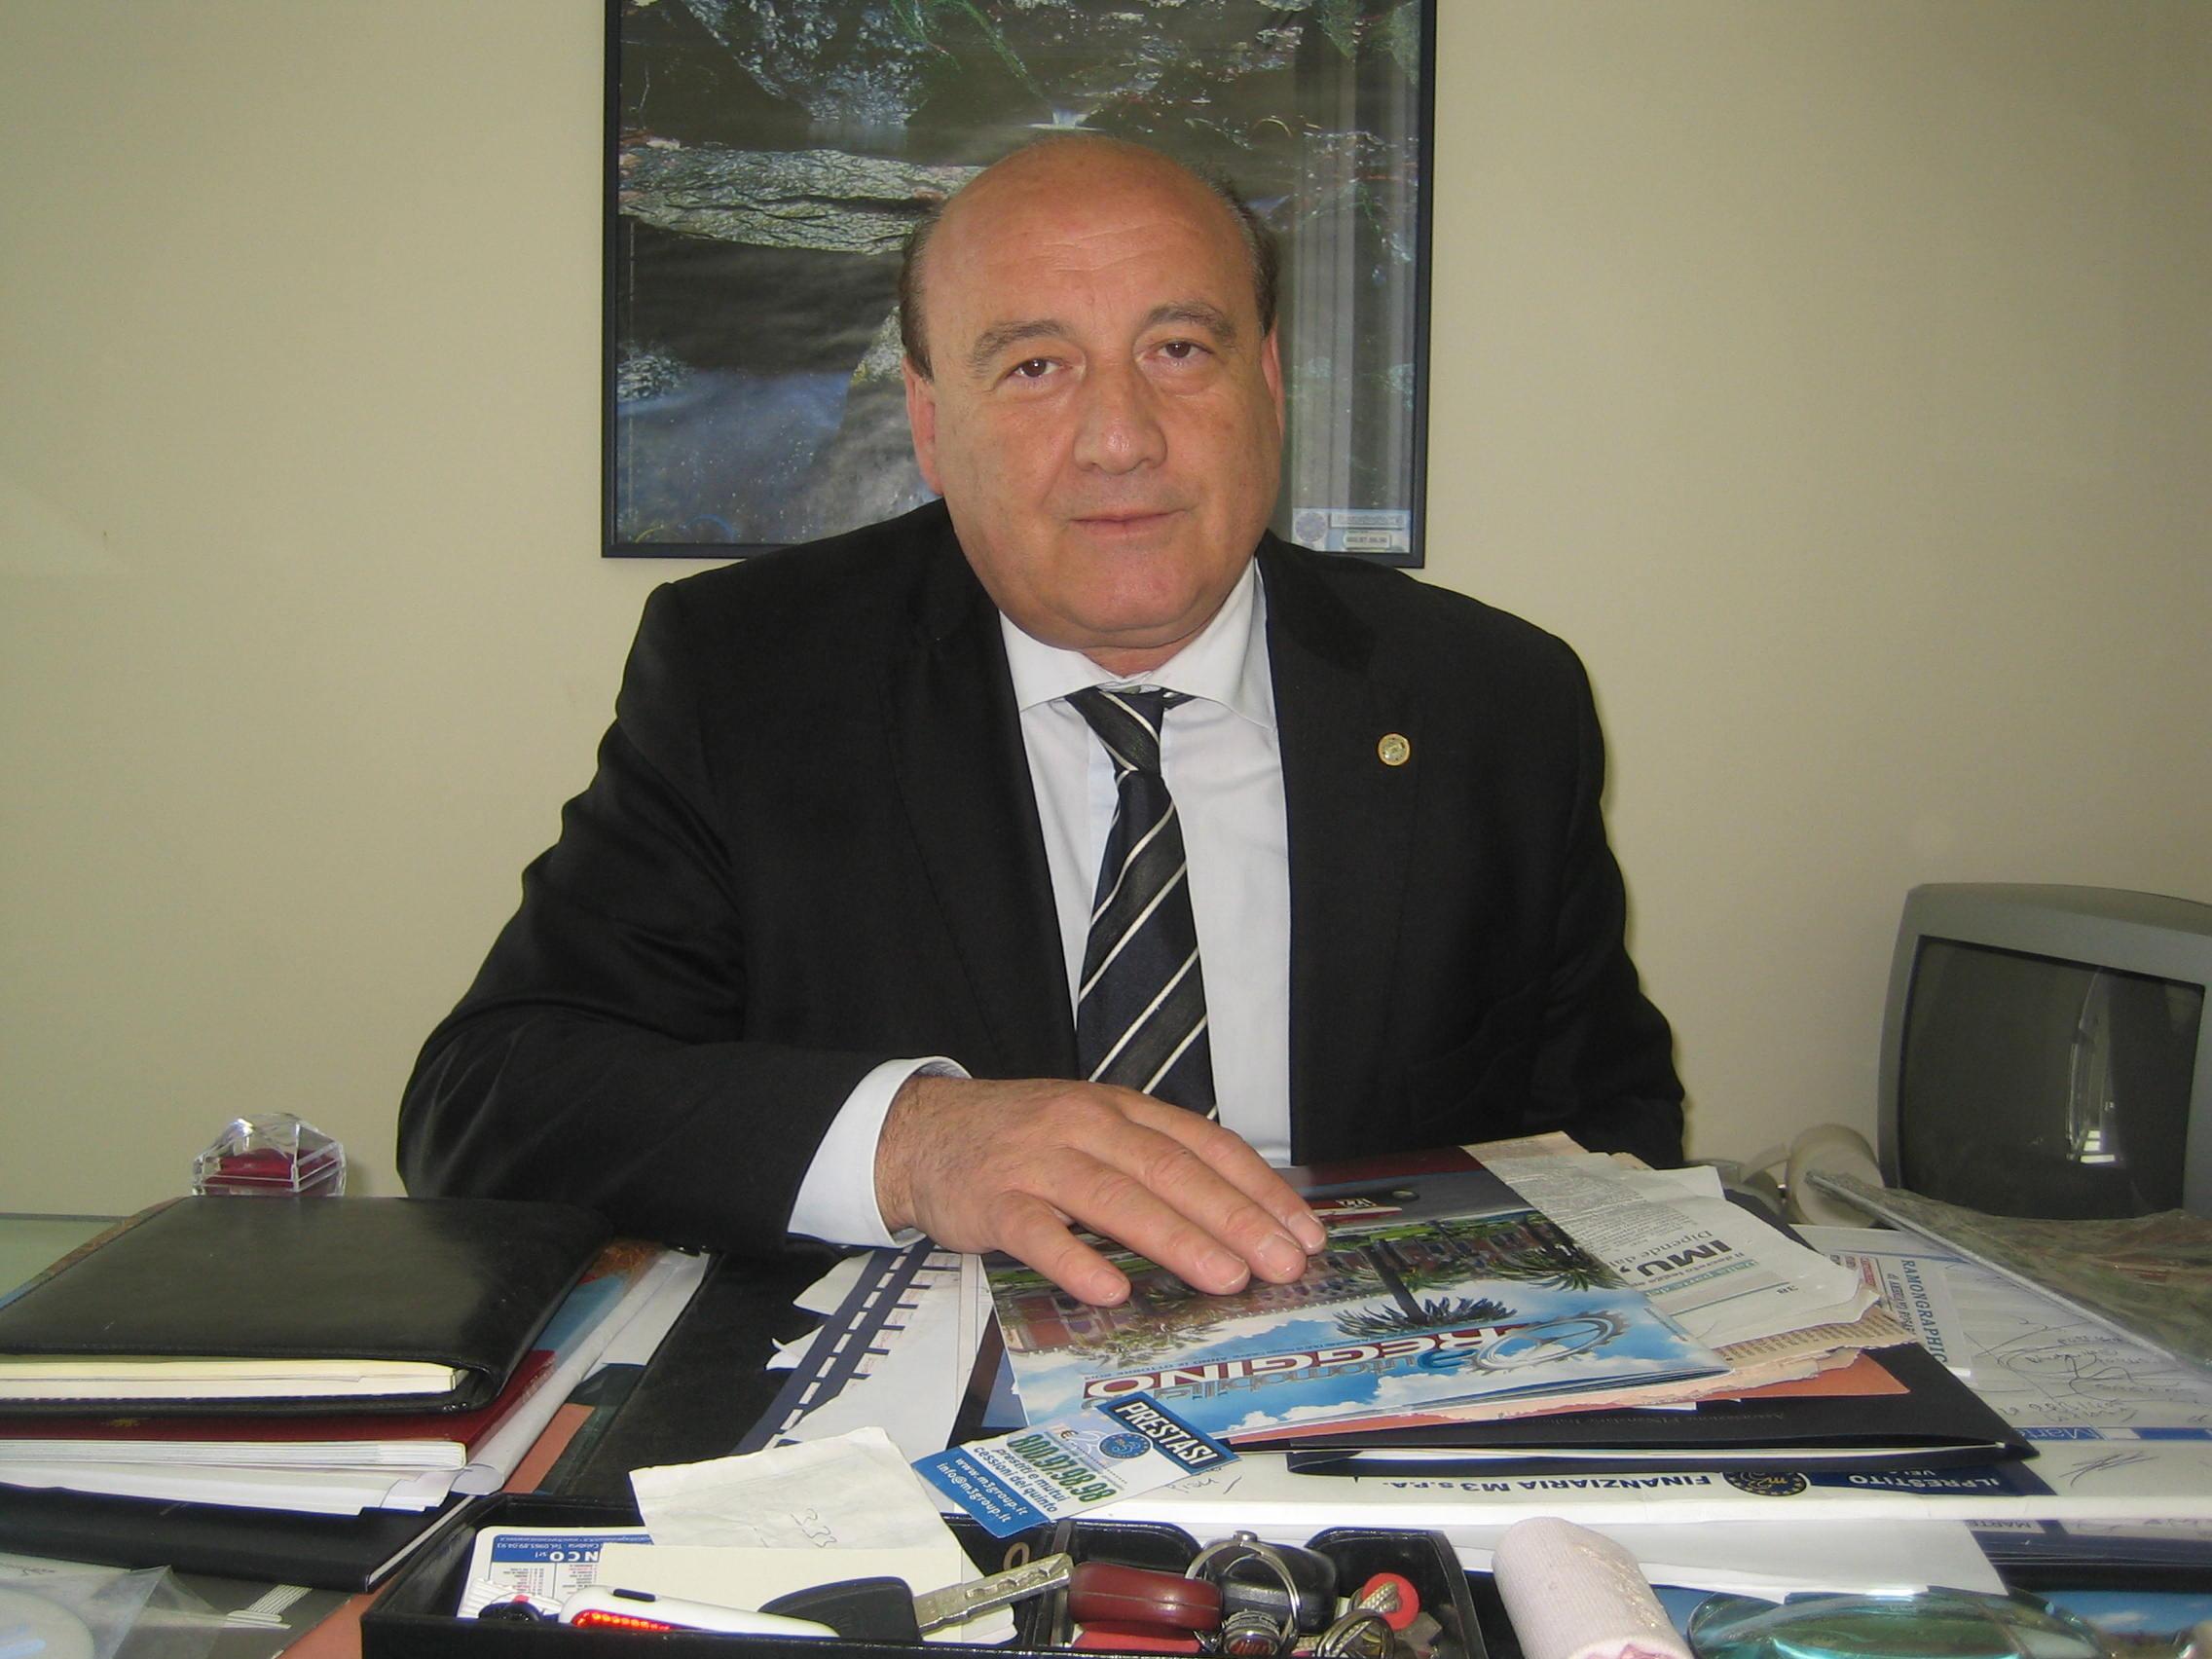 Riciclaggio, arrestato un avvocato a Reggio Calabria: sequestro da 17 milioni